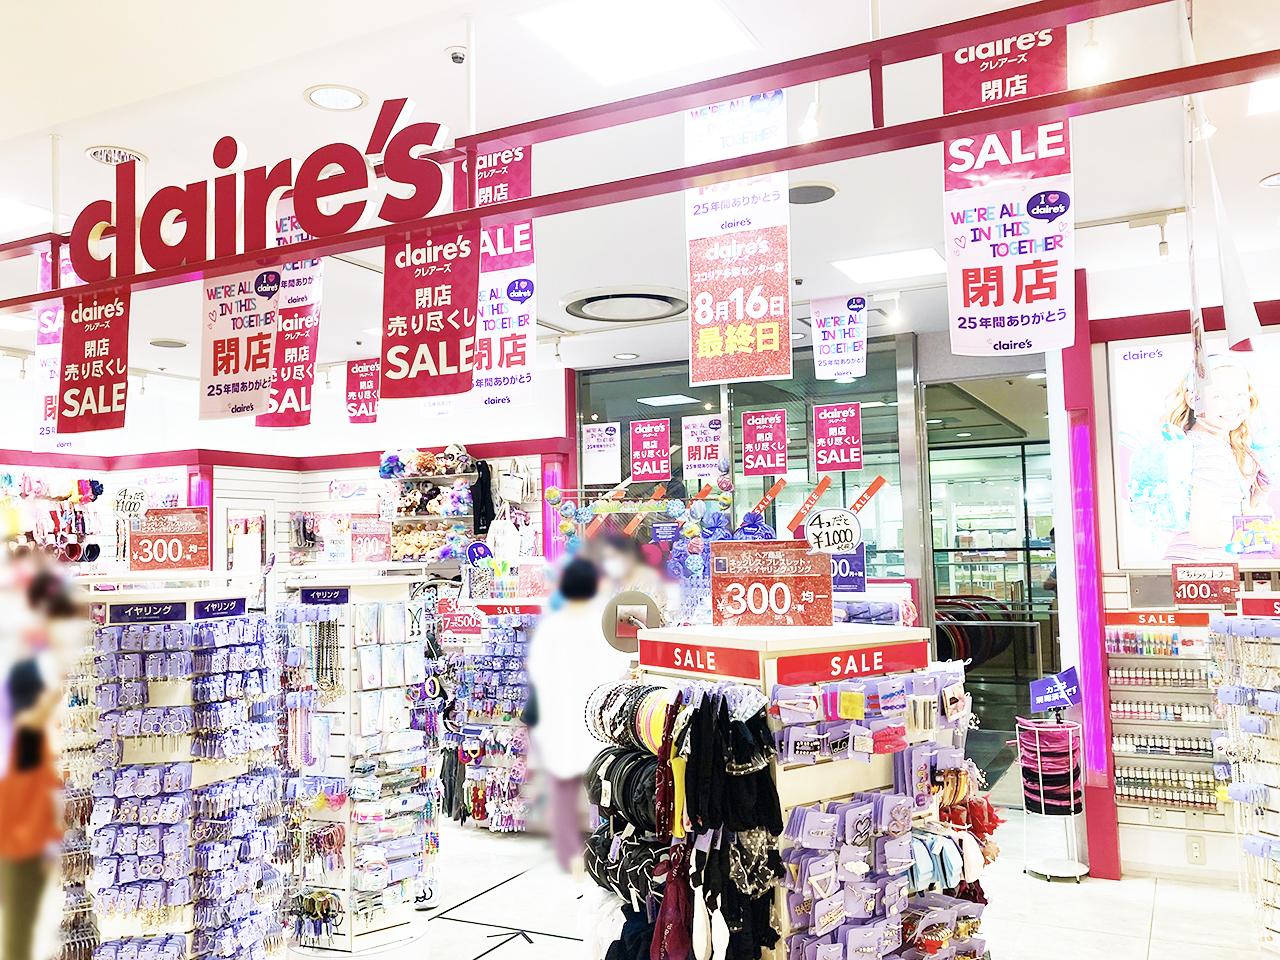 クレアーズclaire'sが日本事業終了・ココリア多摩センター店も閉店のため現在セール中です